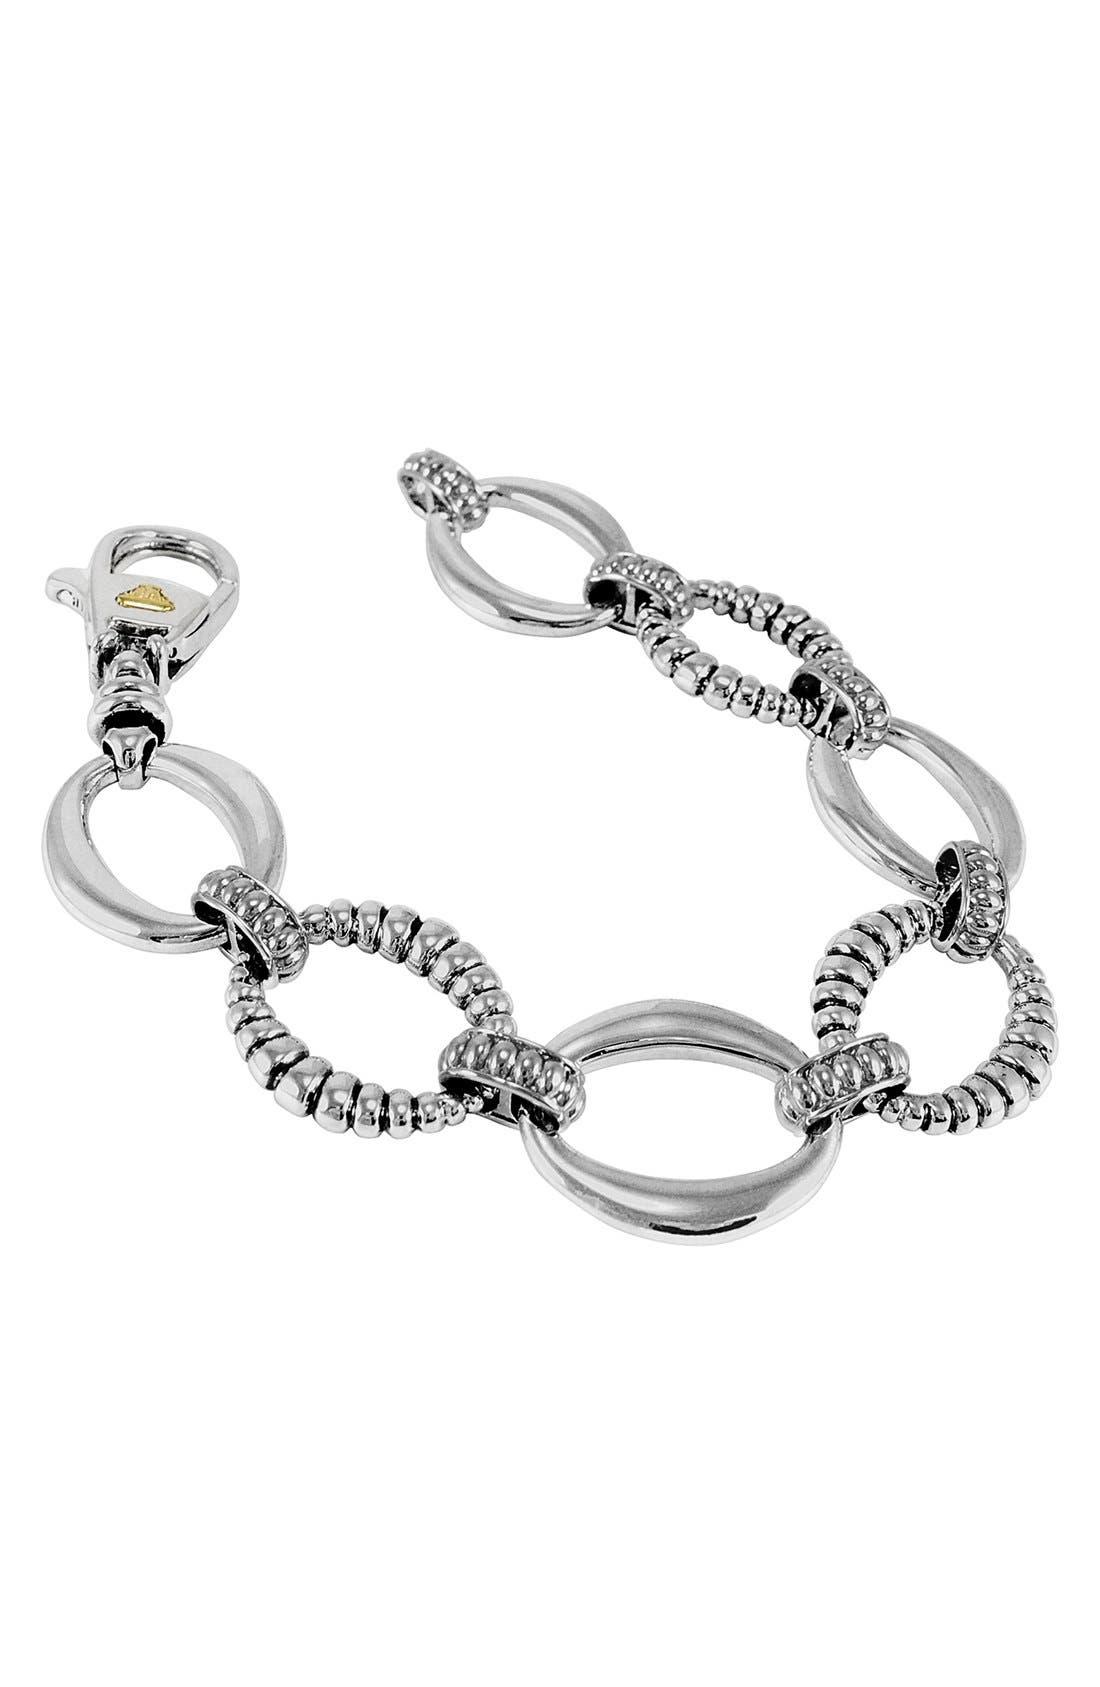 LAGOS Link Sterling Silver Oval Link Bracelet